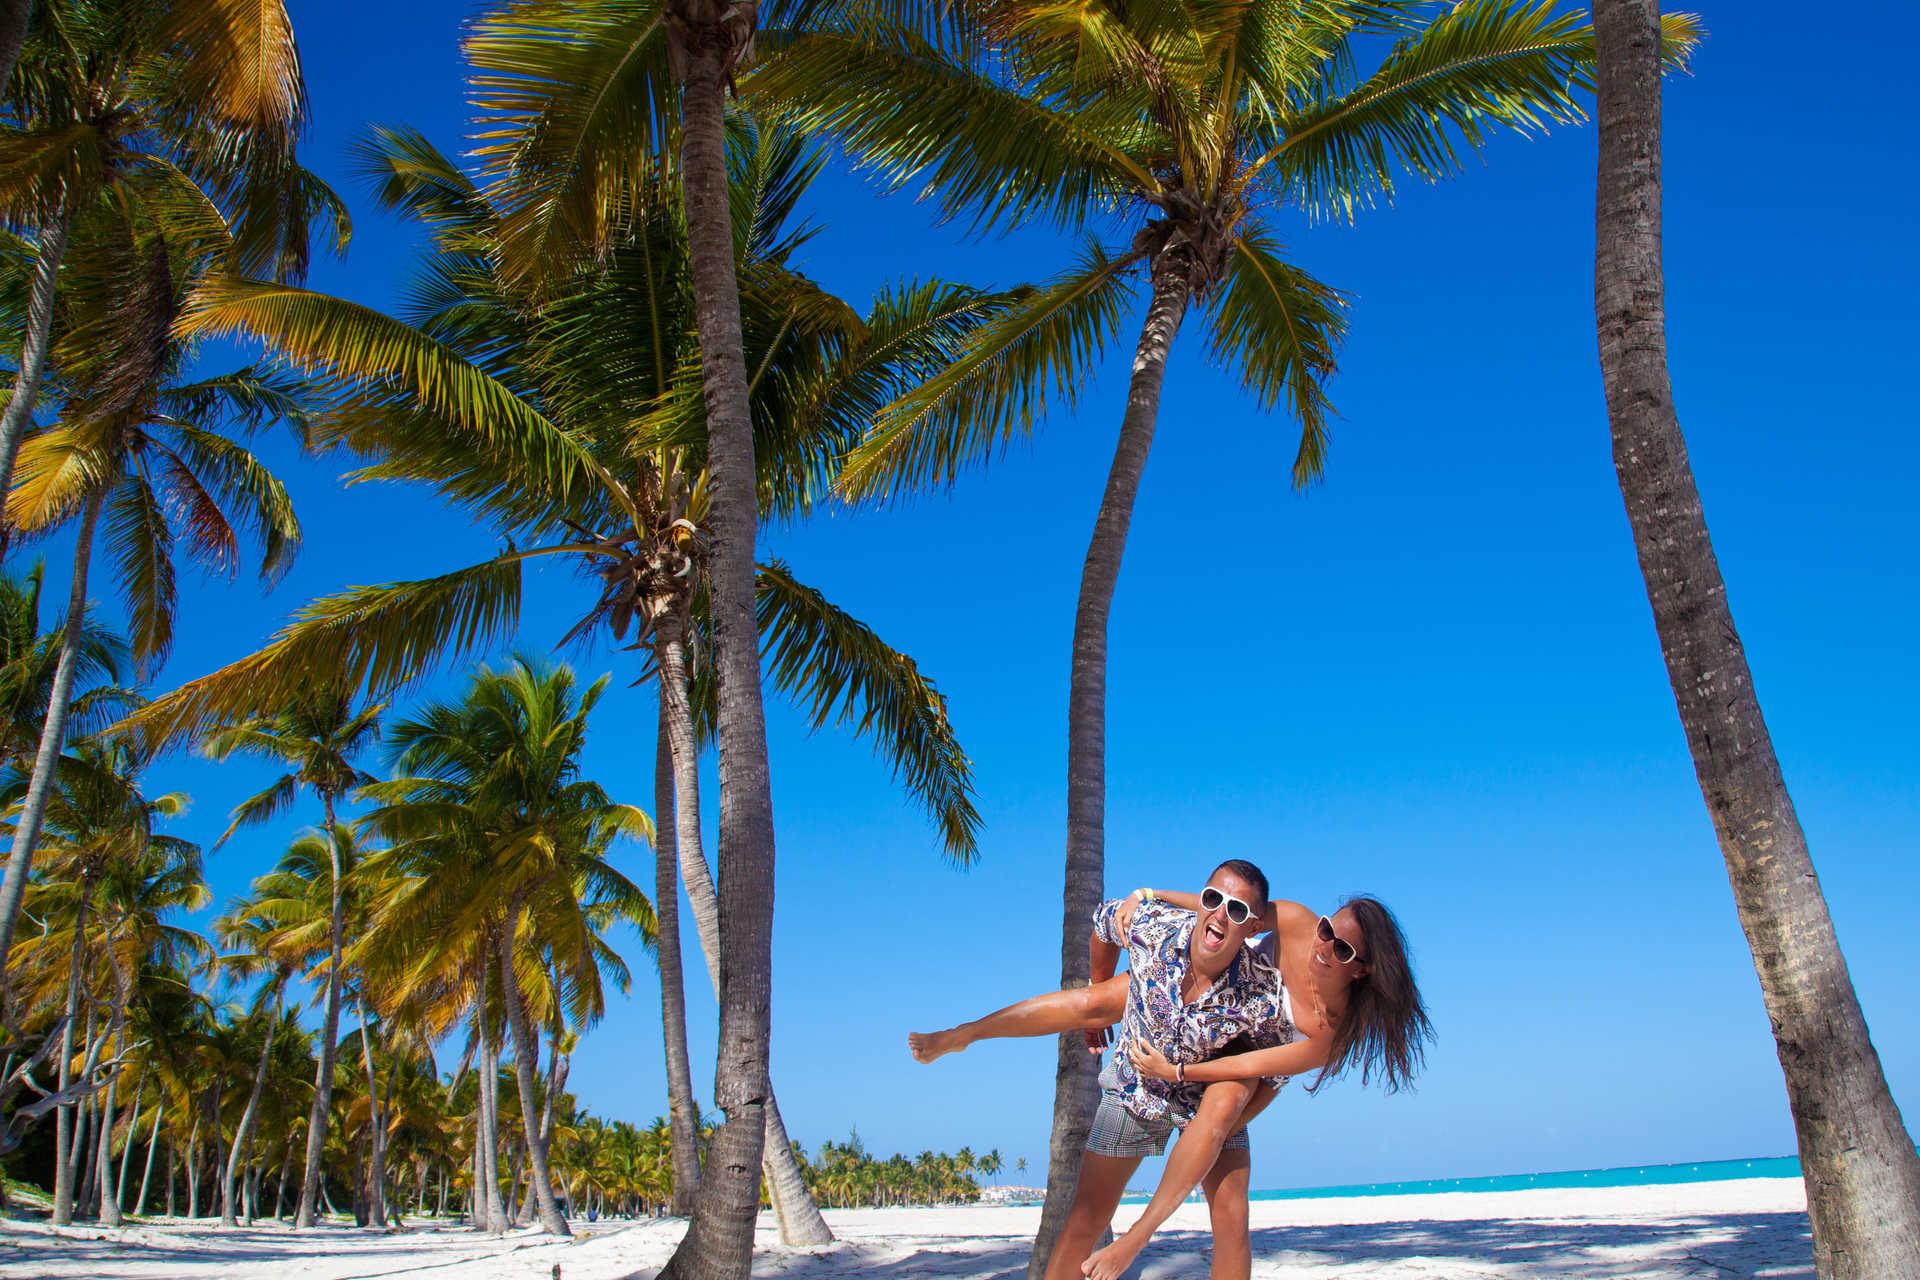 Warum sollten Sie sich für das BelleVue Dominican Bay Hotel entscheiden?